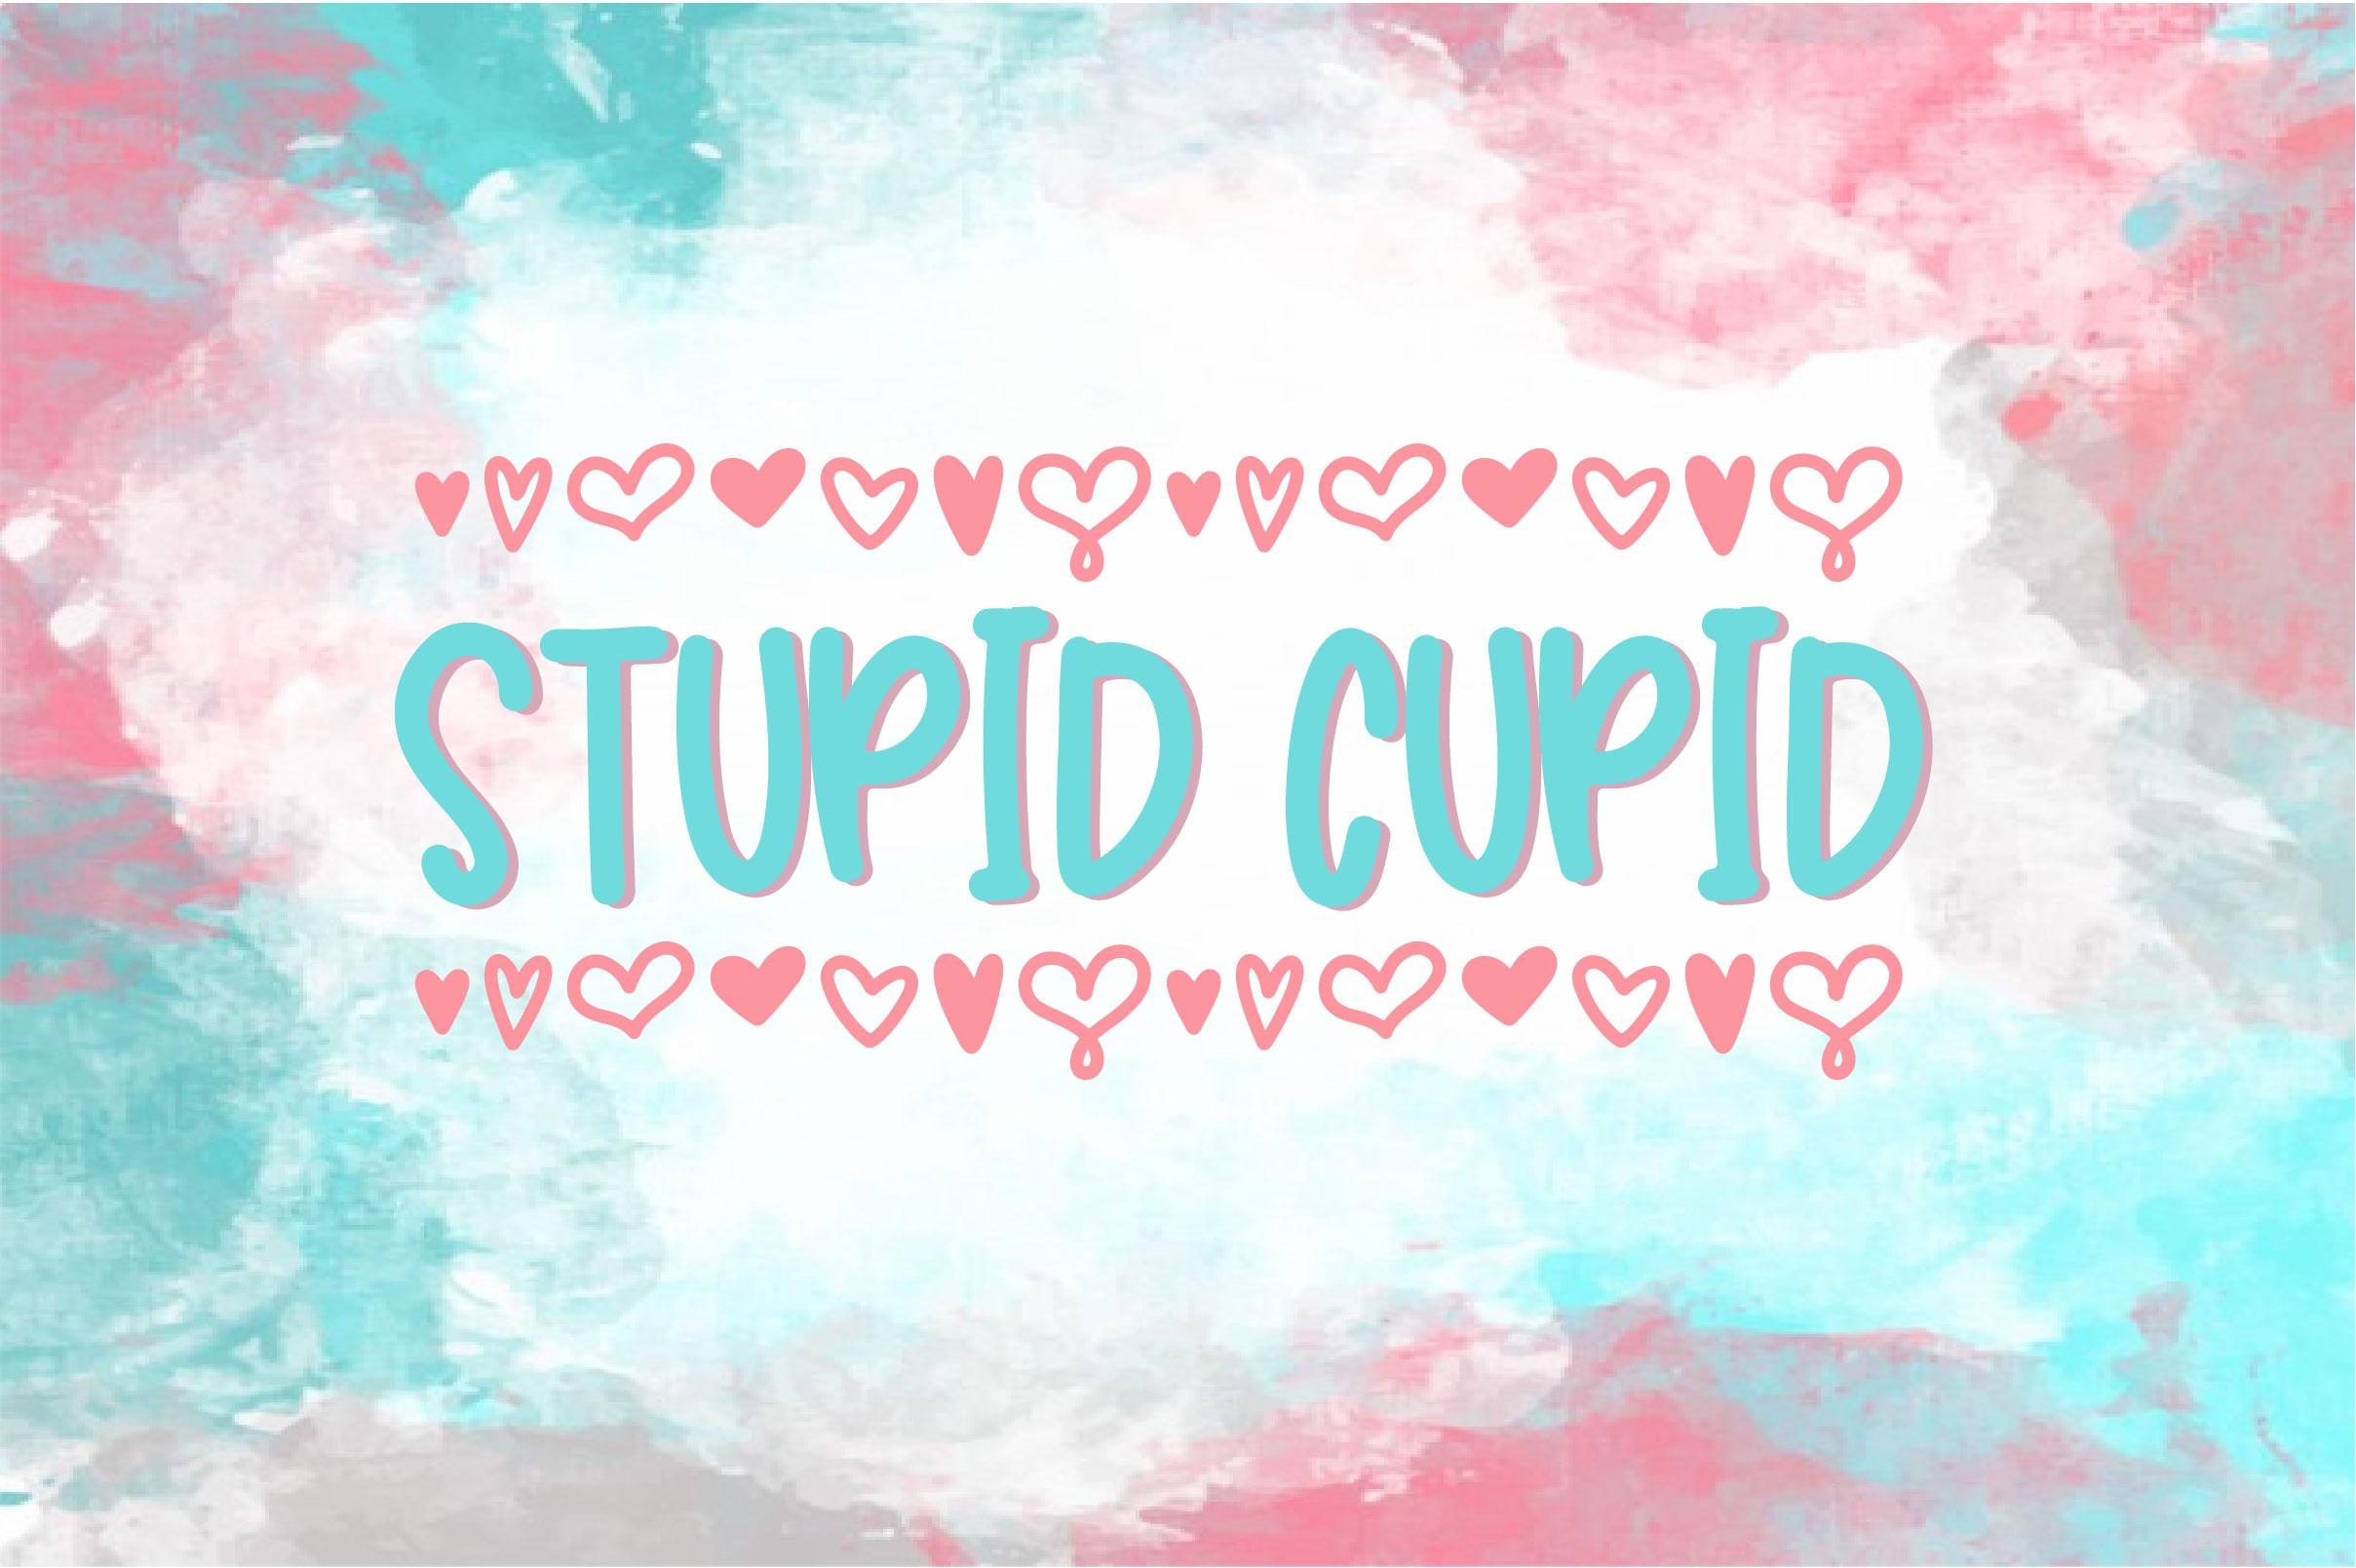 Stupid Cupid example image 1